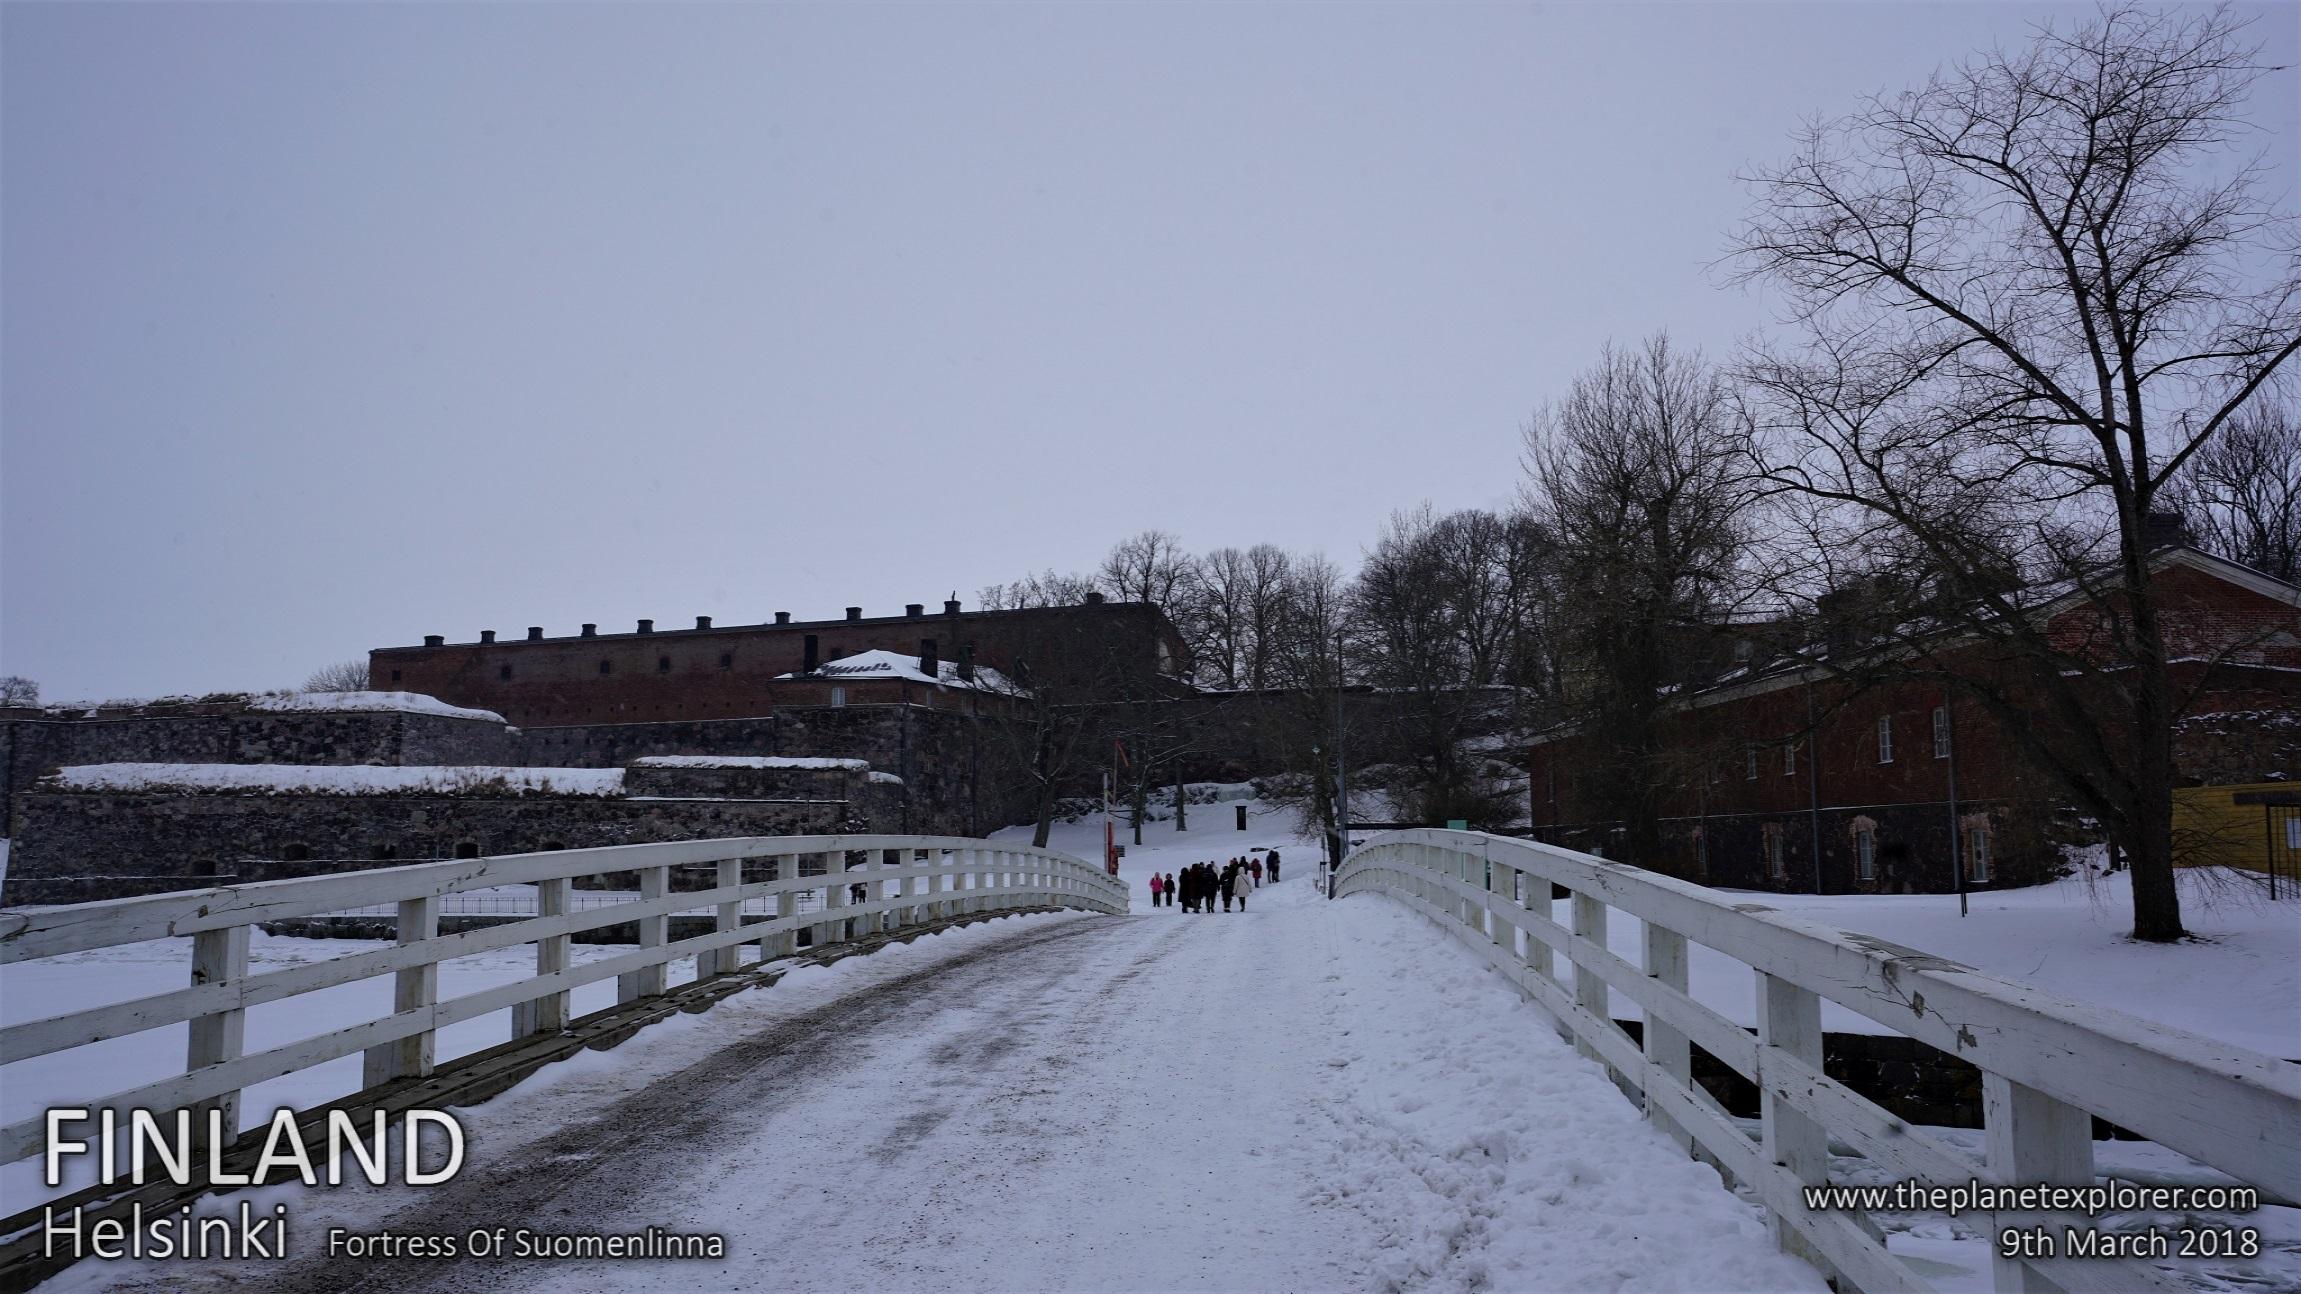 20180309_1200_Finland_Helsinki_Fortress Of Suomenlinna_DSC00190_Sony a7R2_LR_@www